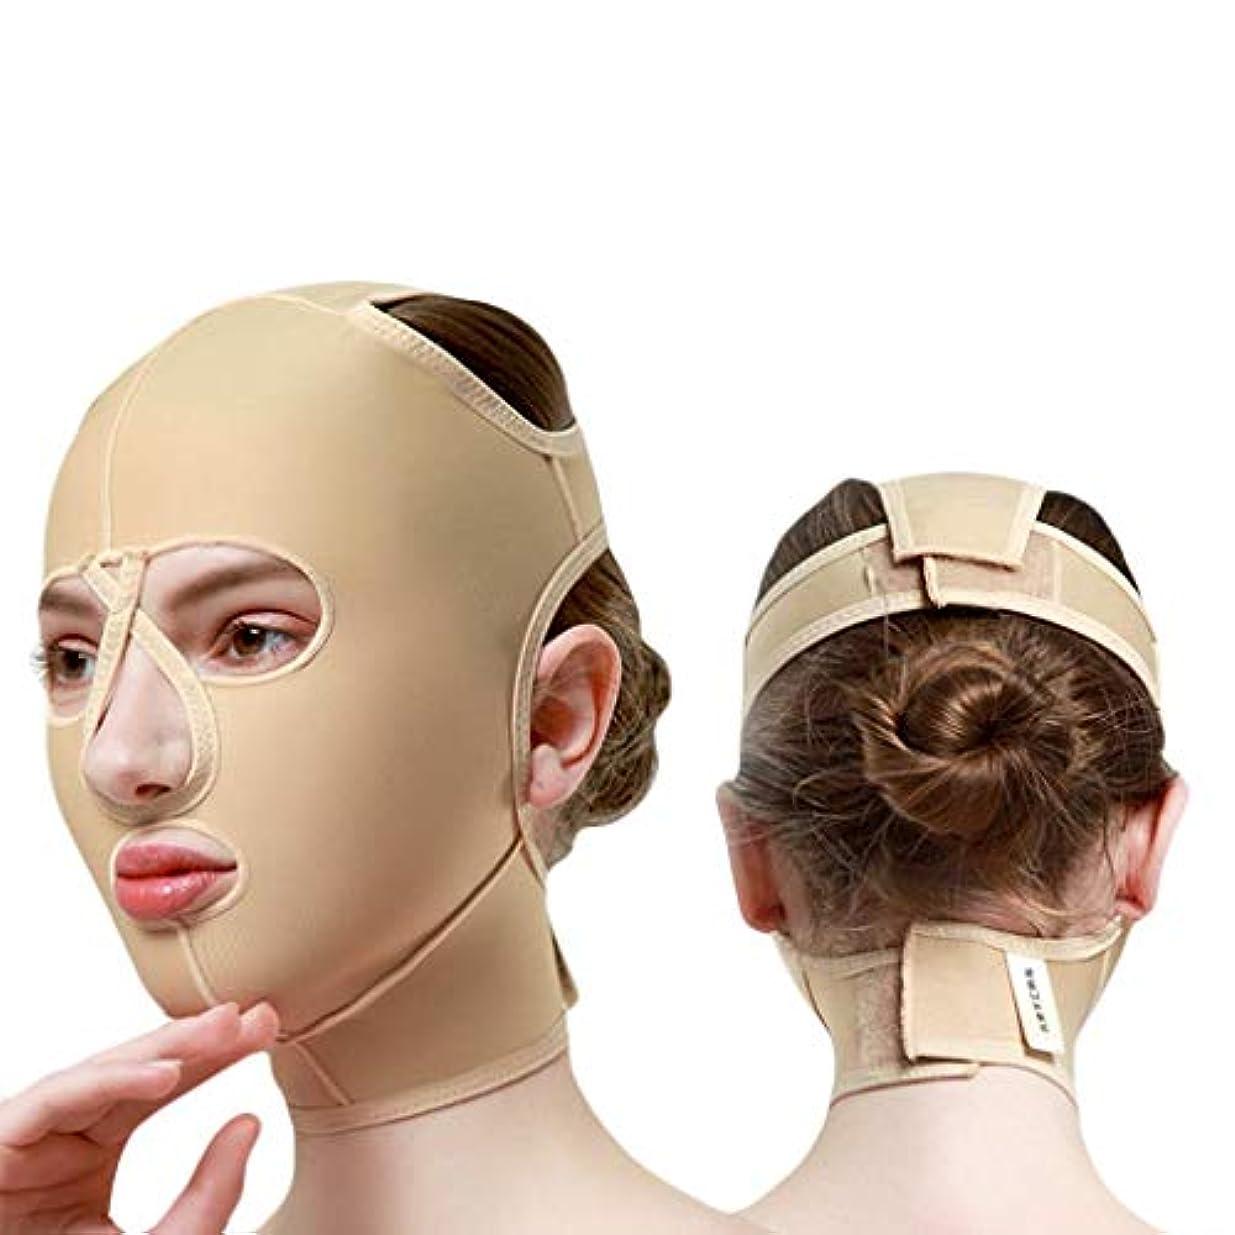 拒否勇気だらしないチンストラップ、顔彫りツール、リフティングマスク、ダブルチンリデューサー、フェイスリフティングエラスティックマスクメス(サイズ:M),XXL